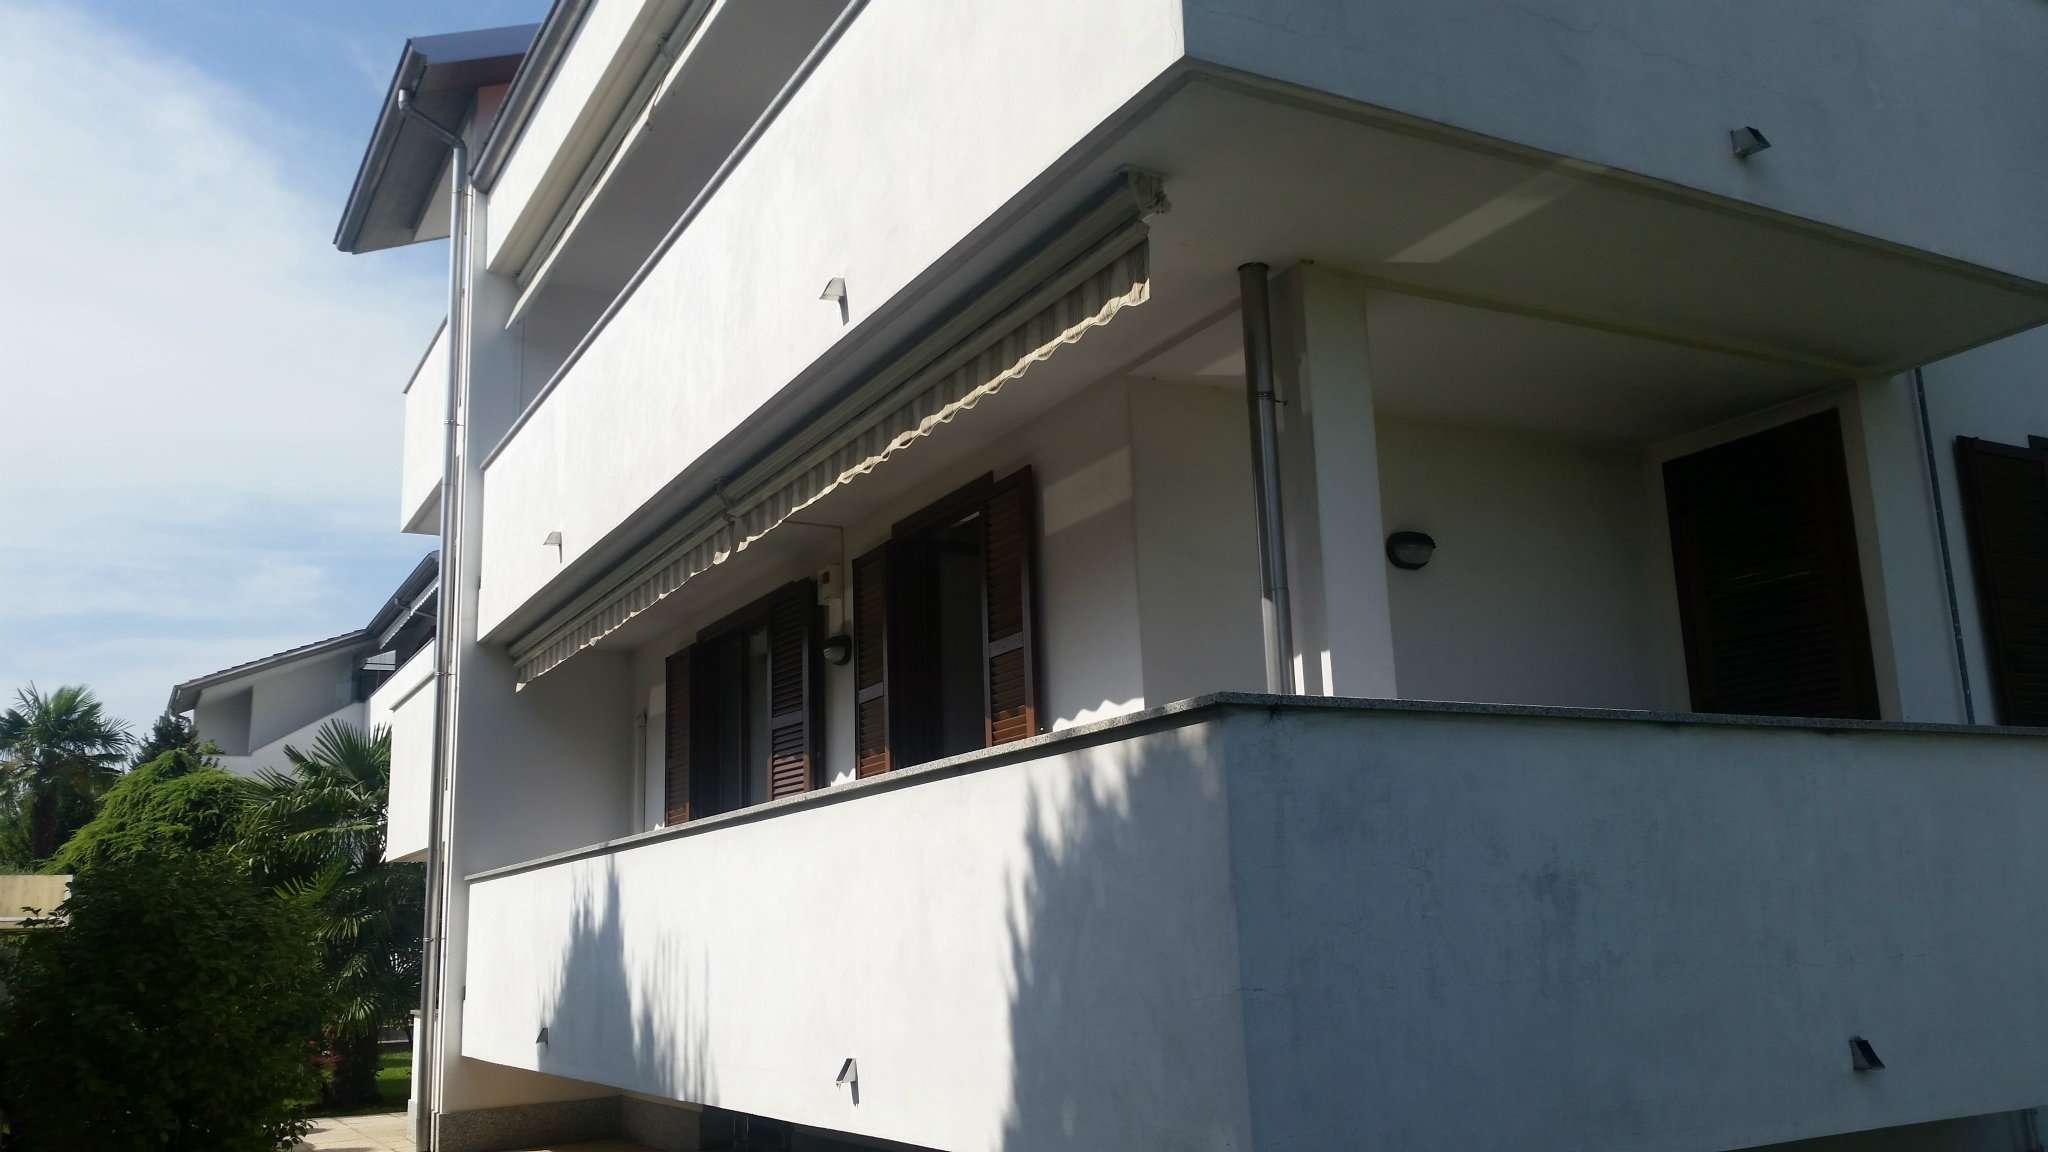 Appartamento in vendita a Cerro Maggiore, 3 locali, prezzo € 165.000 | CambioCasa.it